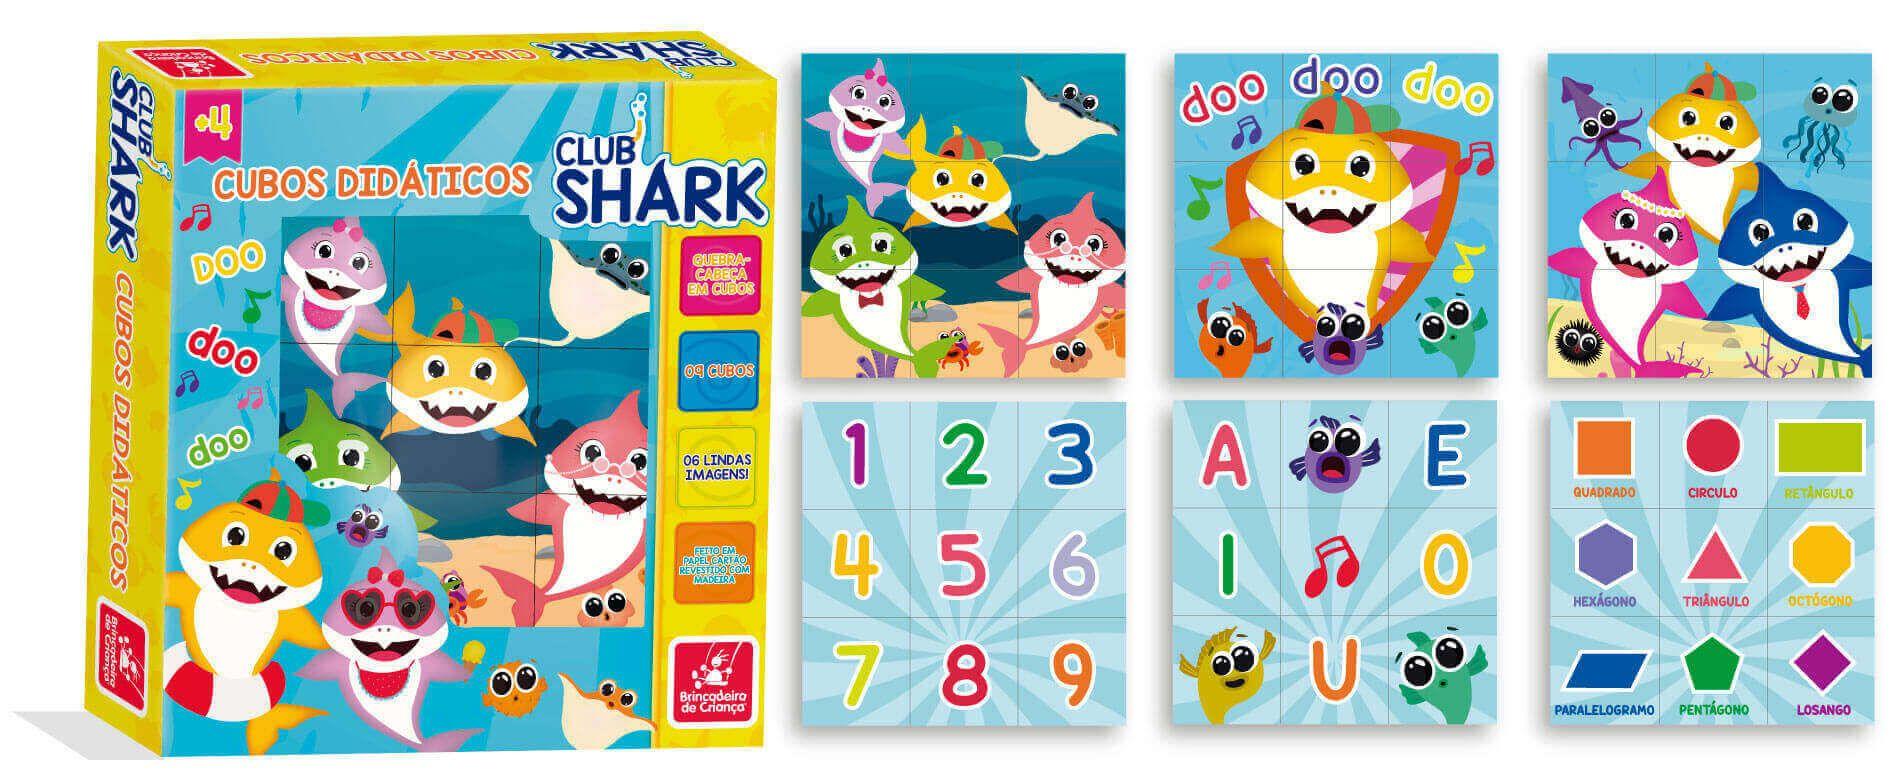 Quebra-Cabeça Cubo Didático Club Shark Brincadeira De Criança